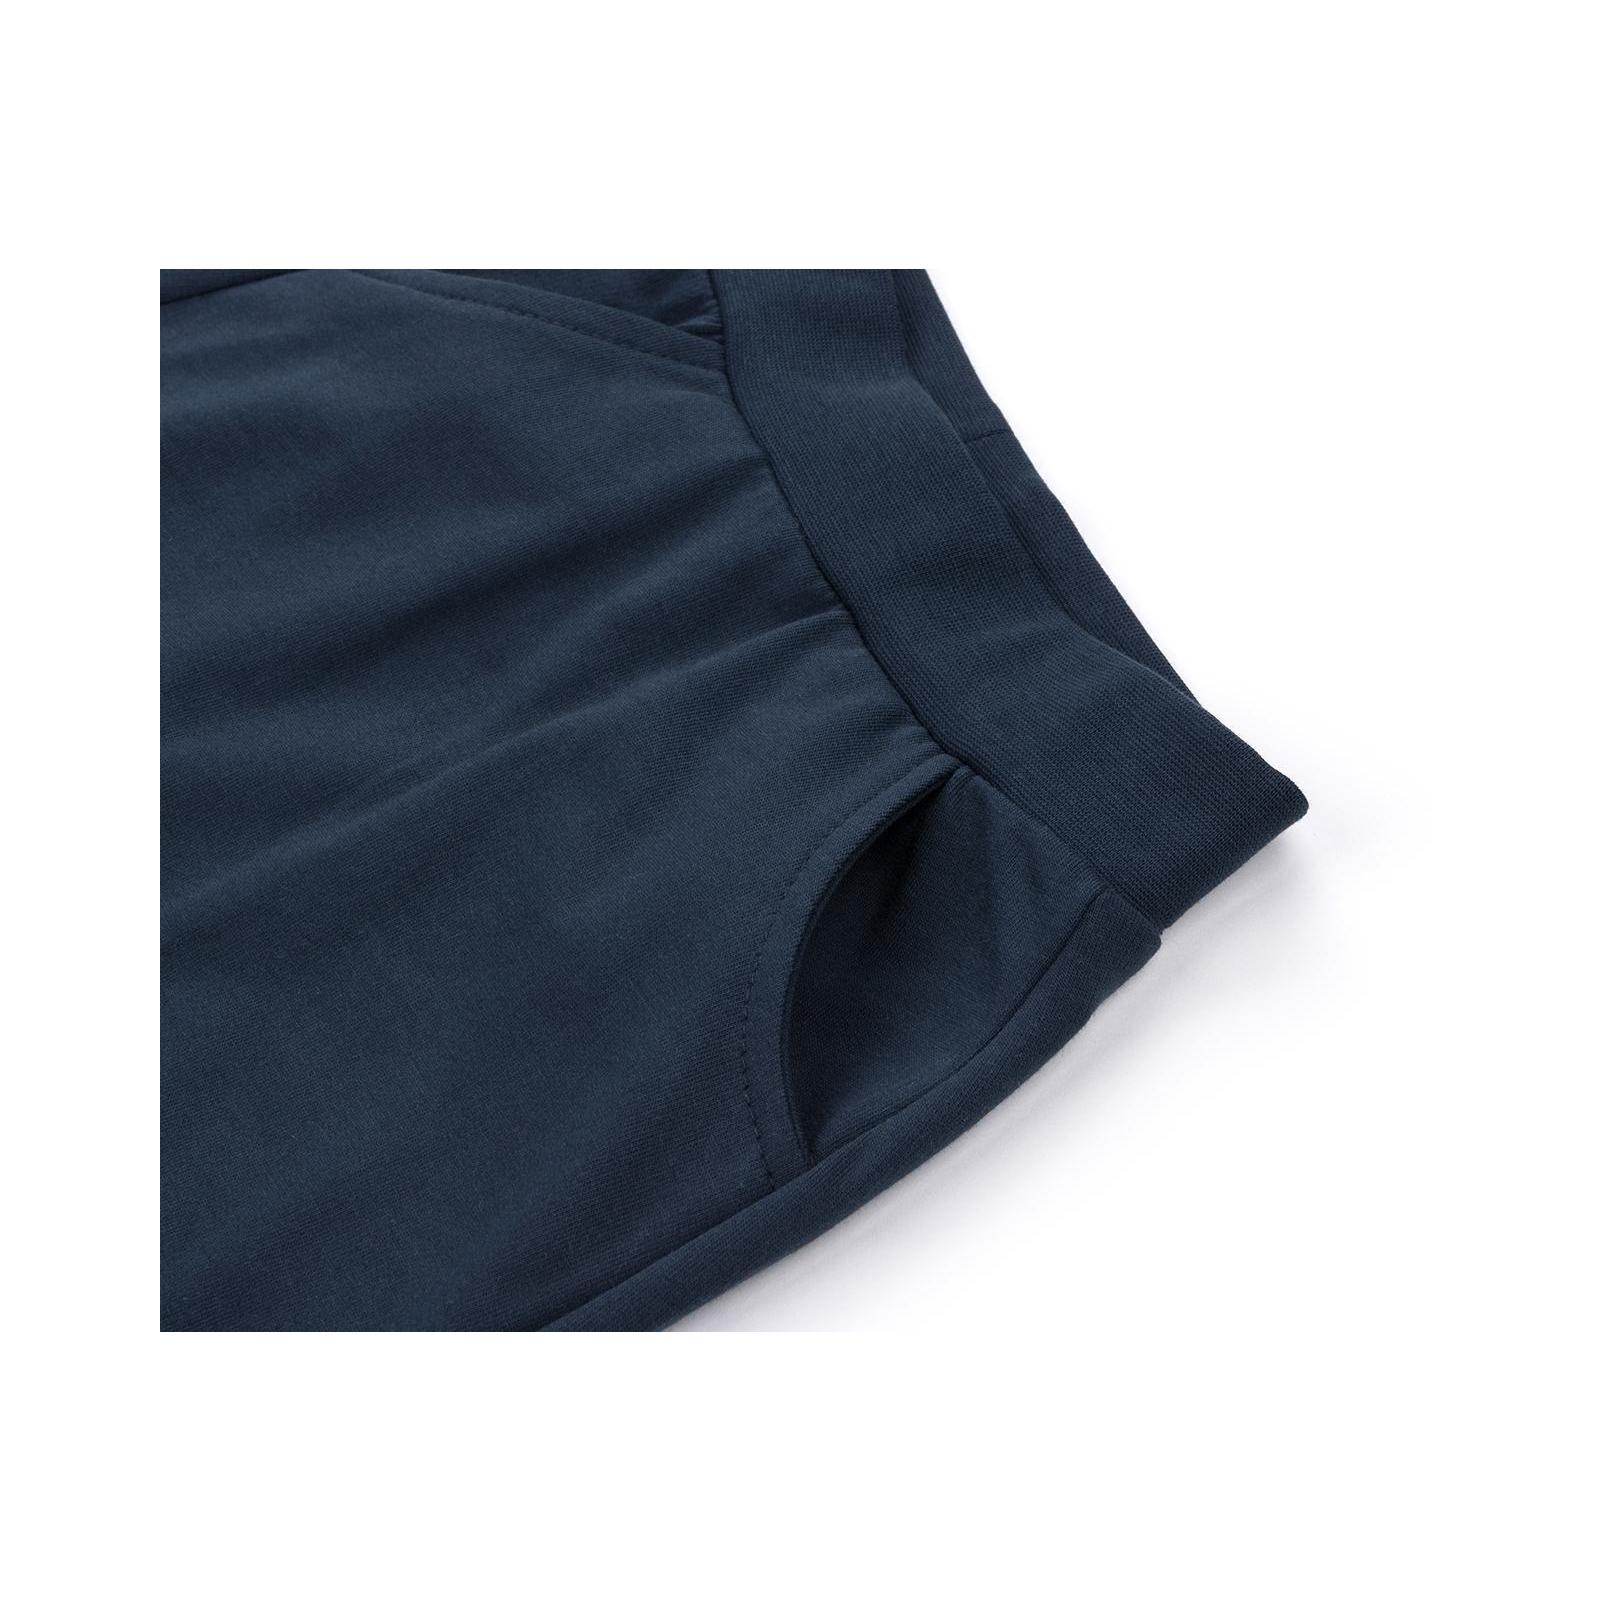 Набор детской одежды Breeze с карманчиками (10234-86G-blue) изображение 10